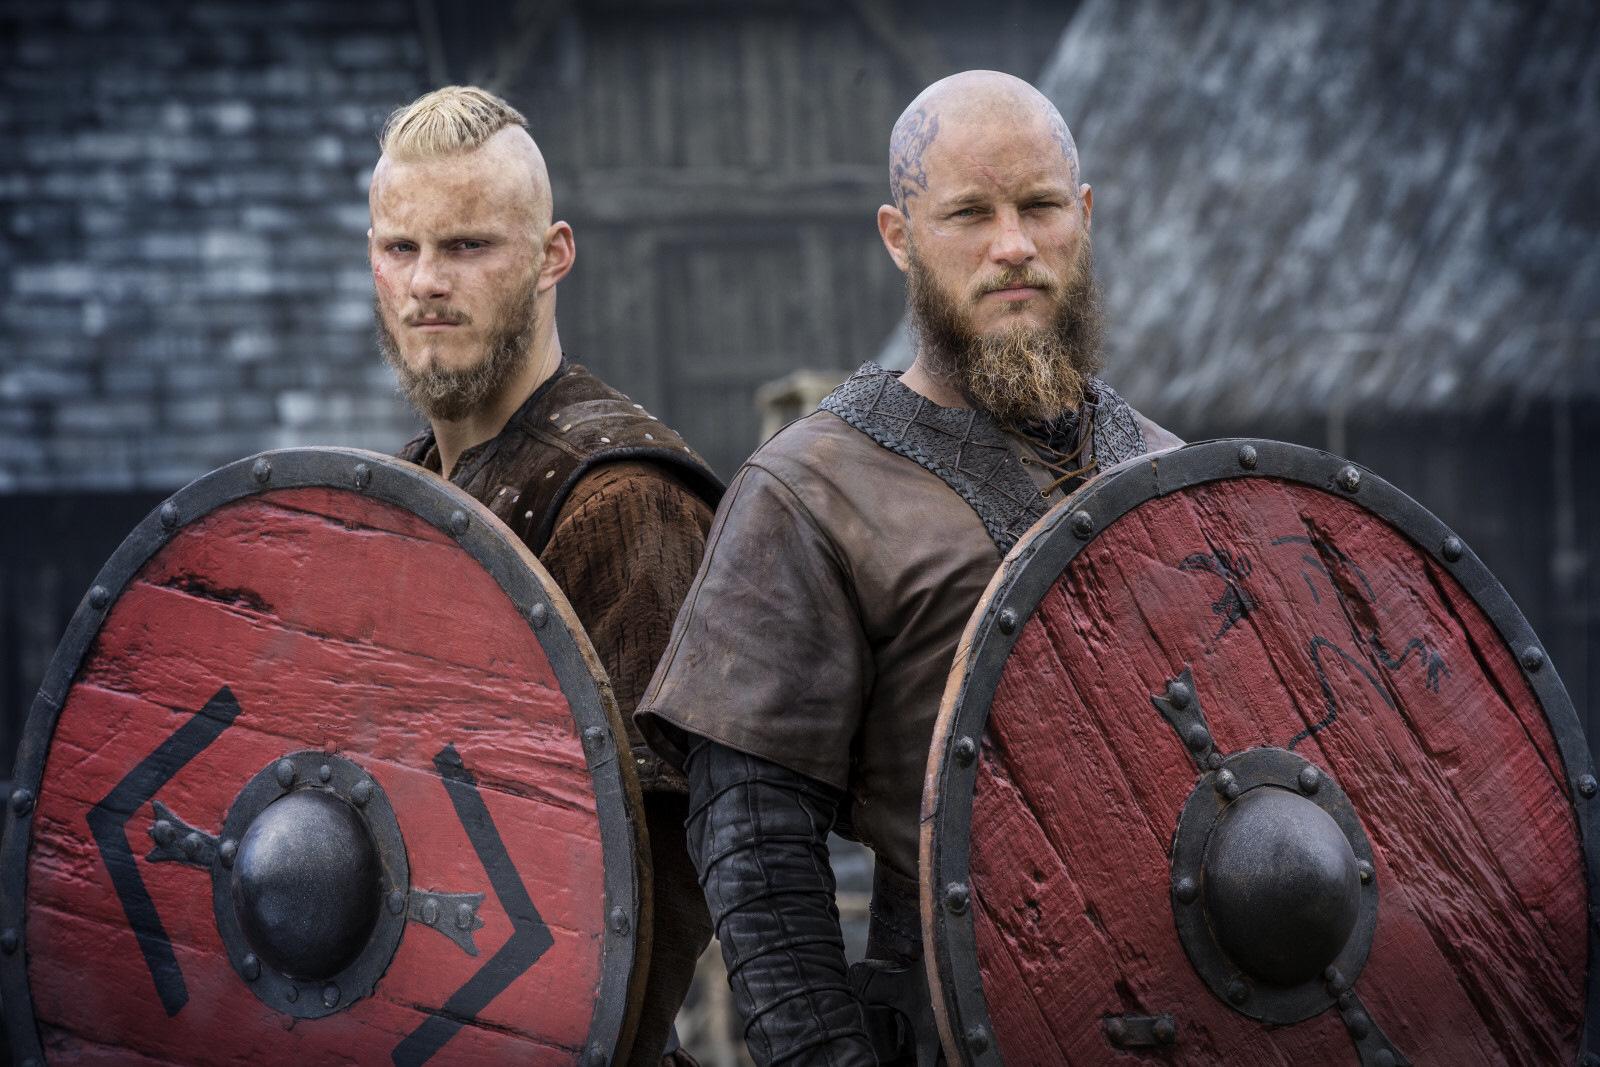 фото викингов смотреть что барабаны бывают